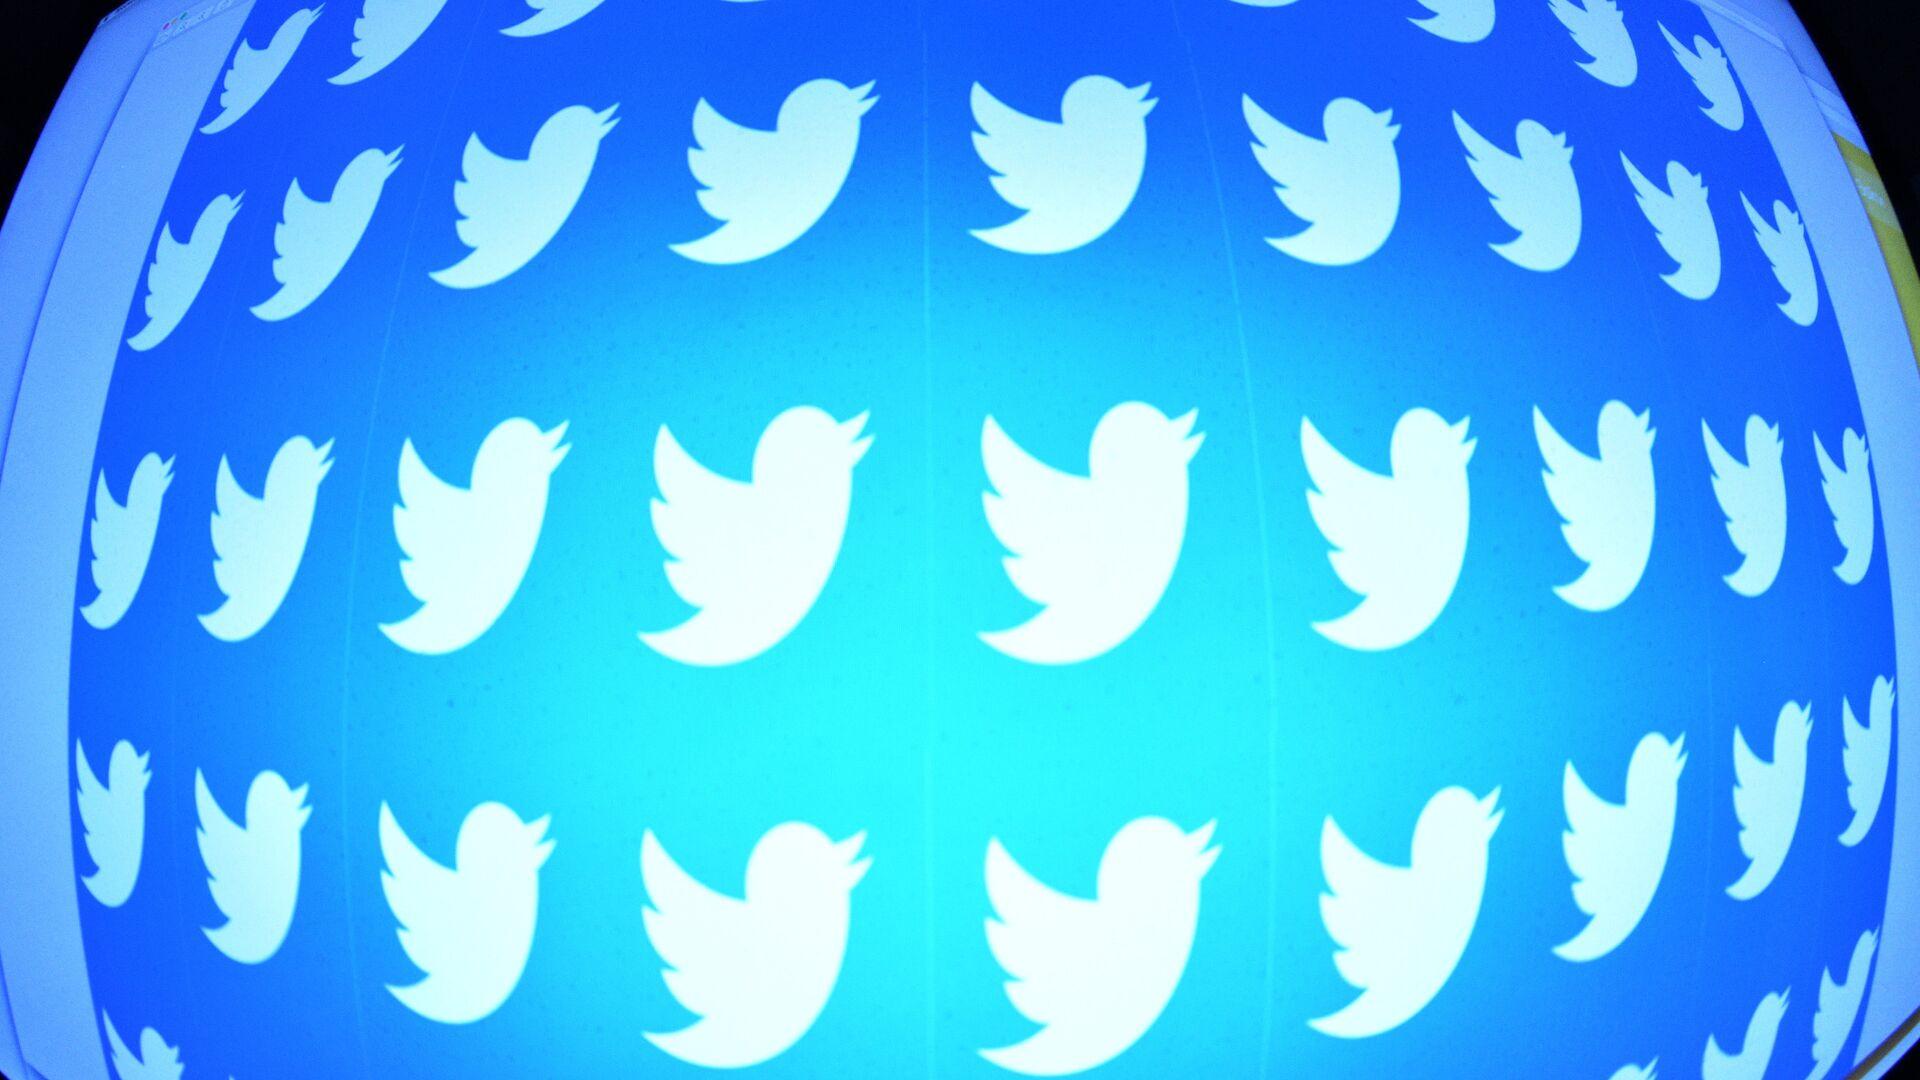 Социальная сеть Twitter - Sputnik Mundo, 1920, 10.03.2021